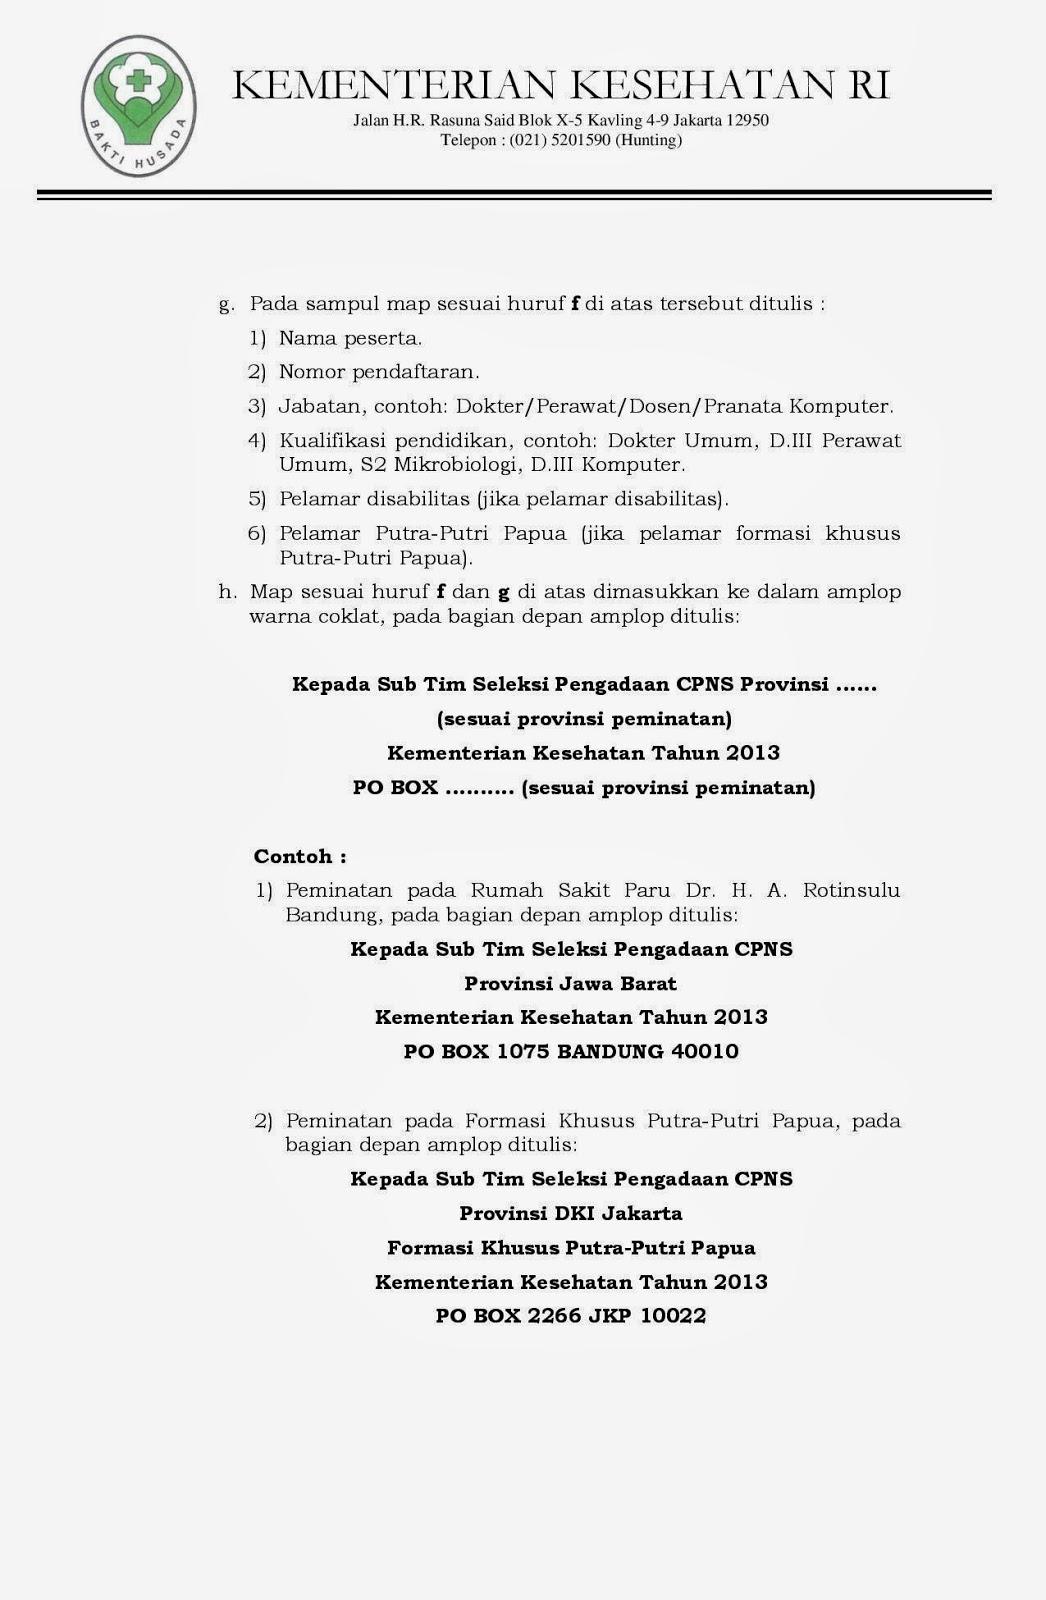 Formasi Cpns 2013 Depkes Kementerian Kesehatan Ri Biro Kepegawaian Lowongan Pengumuman Penerimaan Cpns Kementrian Kesehatan Tahun 2013